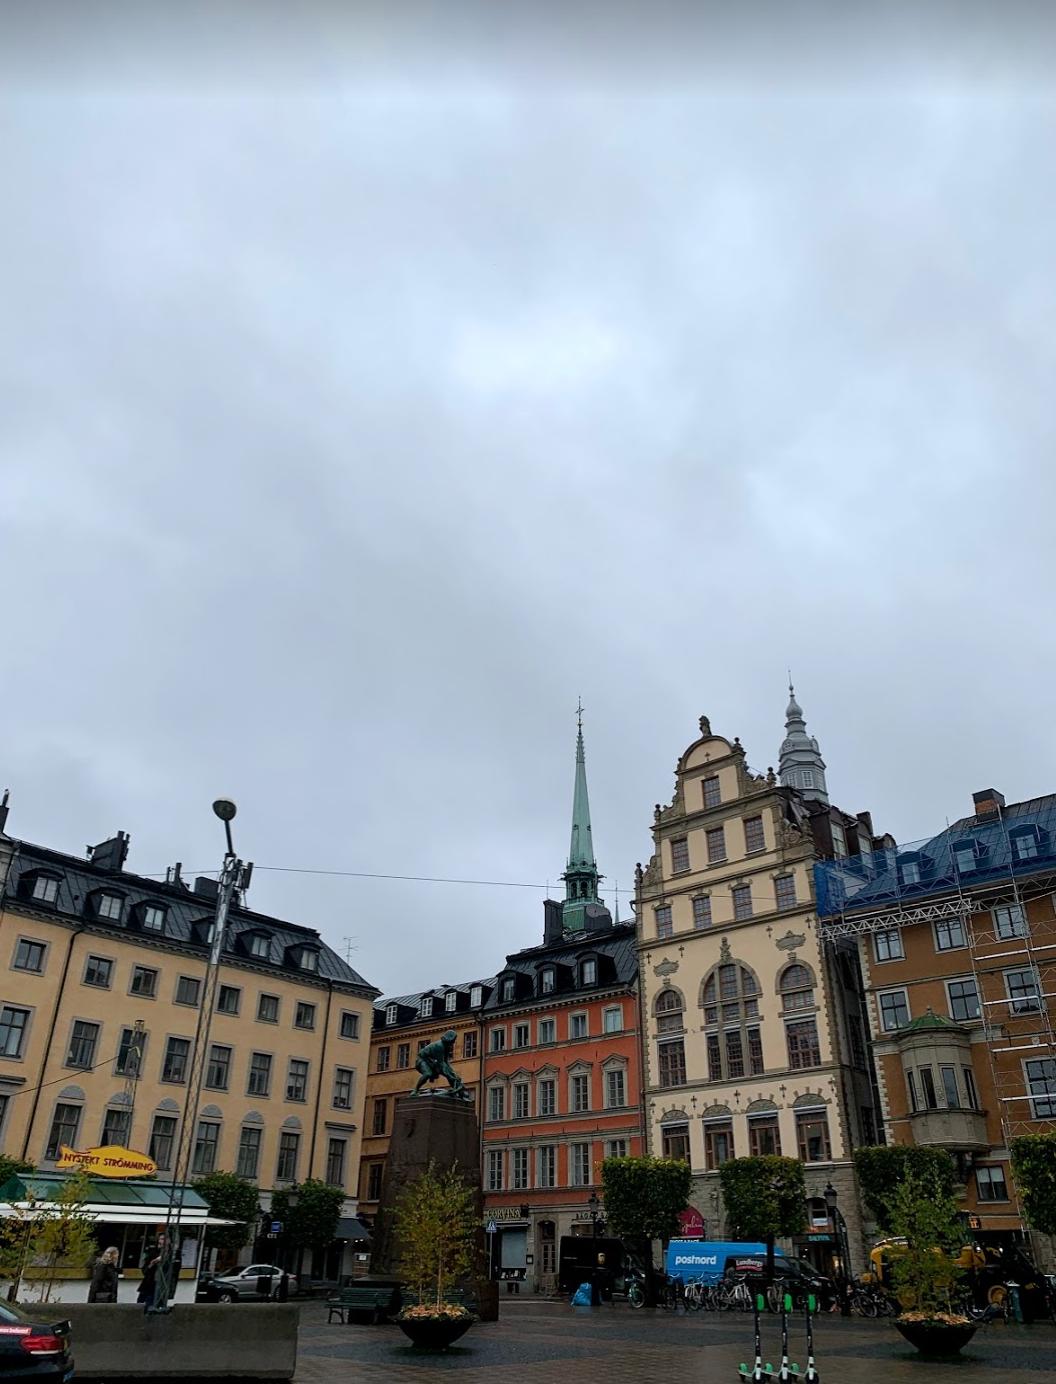 Views of Stockholm, Sweden